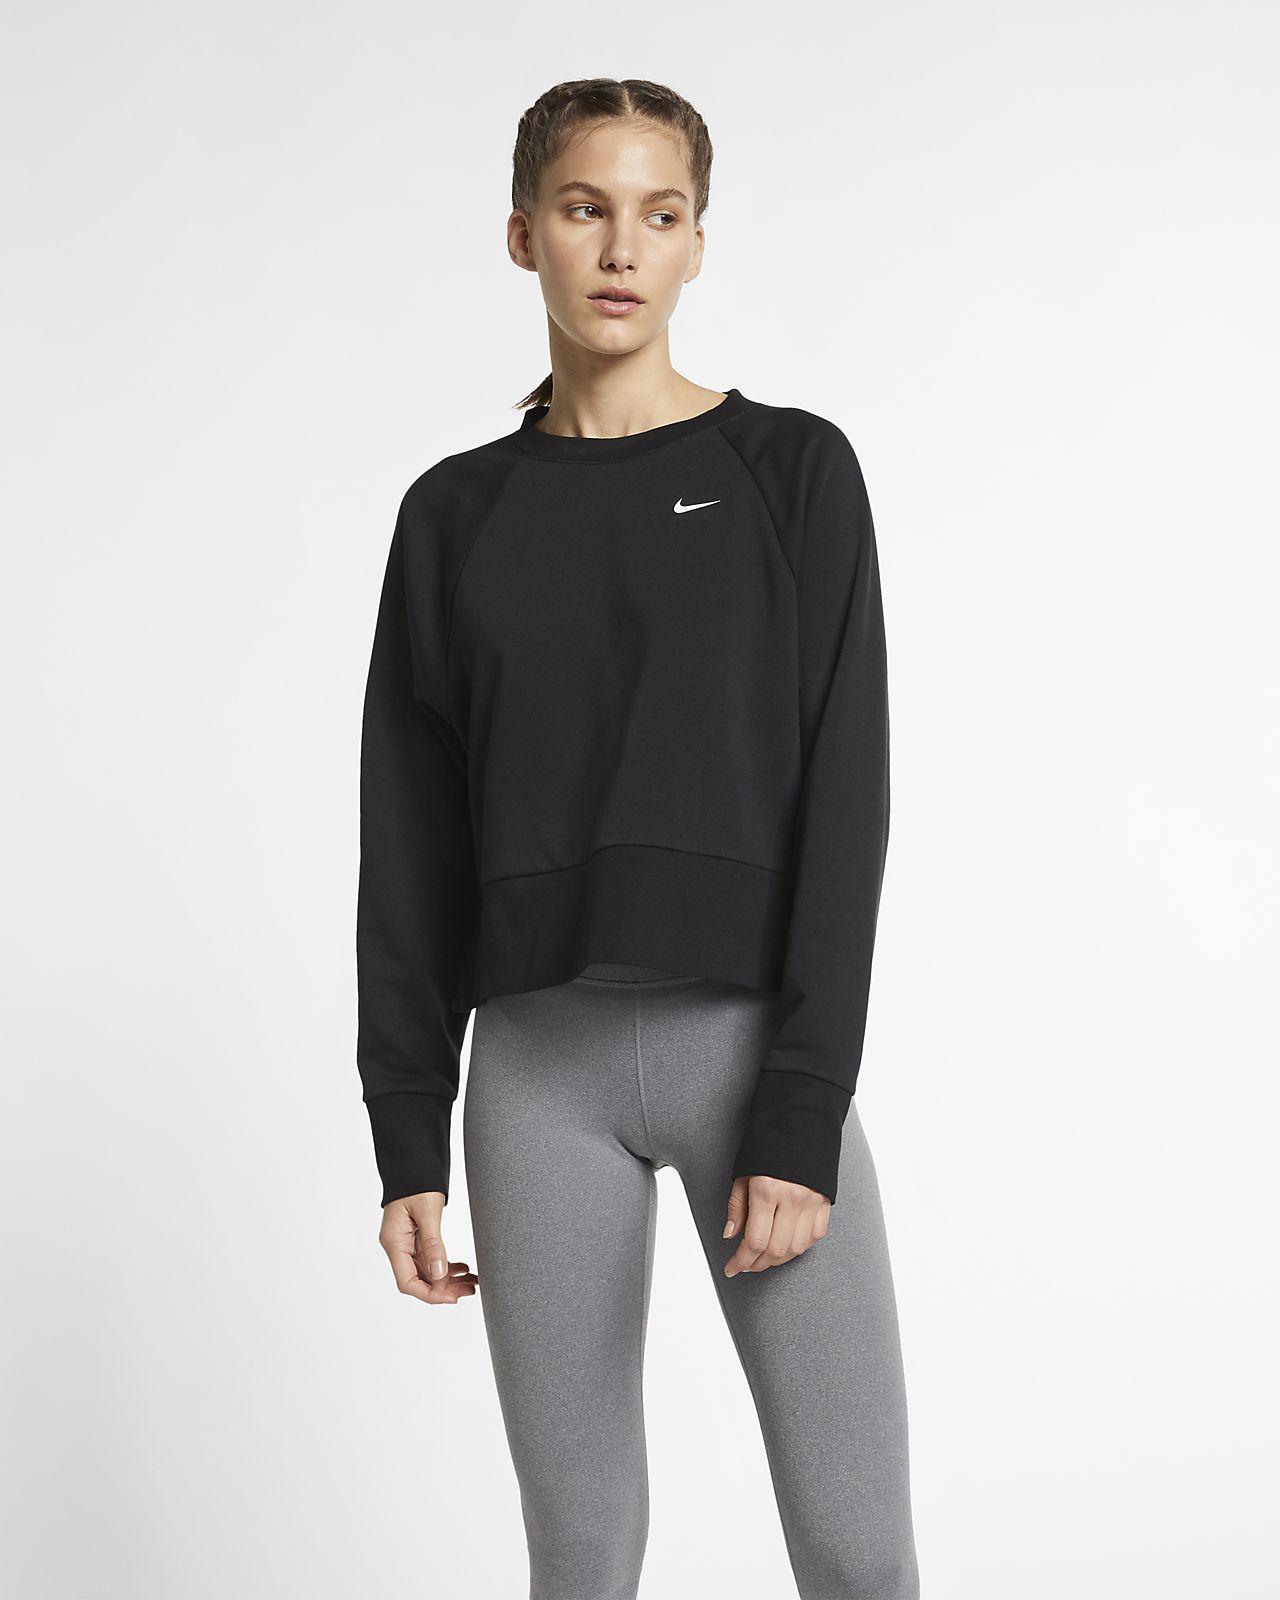 Damska koszulka treningowa do jogi z długim rękawem Nike Dri-FIT